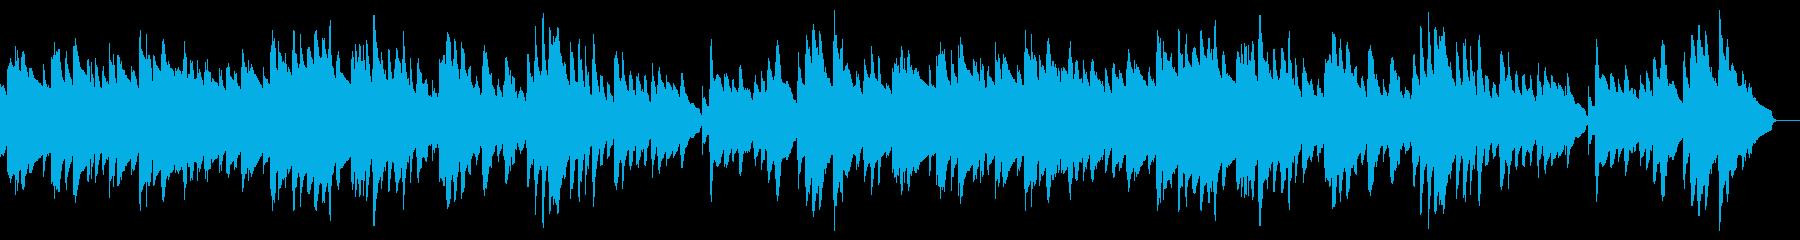 もの哀しい静かな曲 ビブラフォン ハープの再生済みの波形